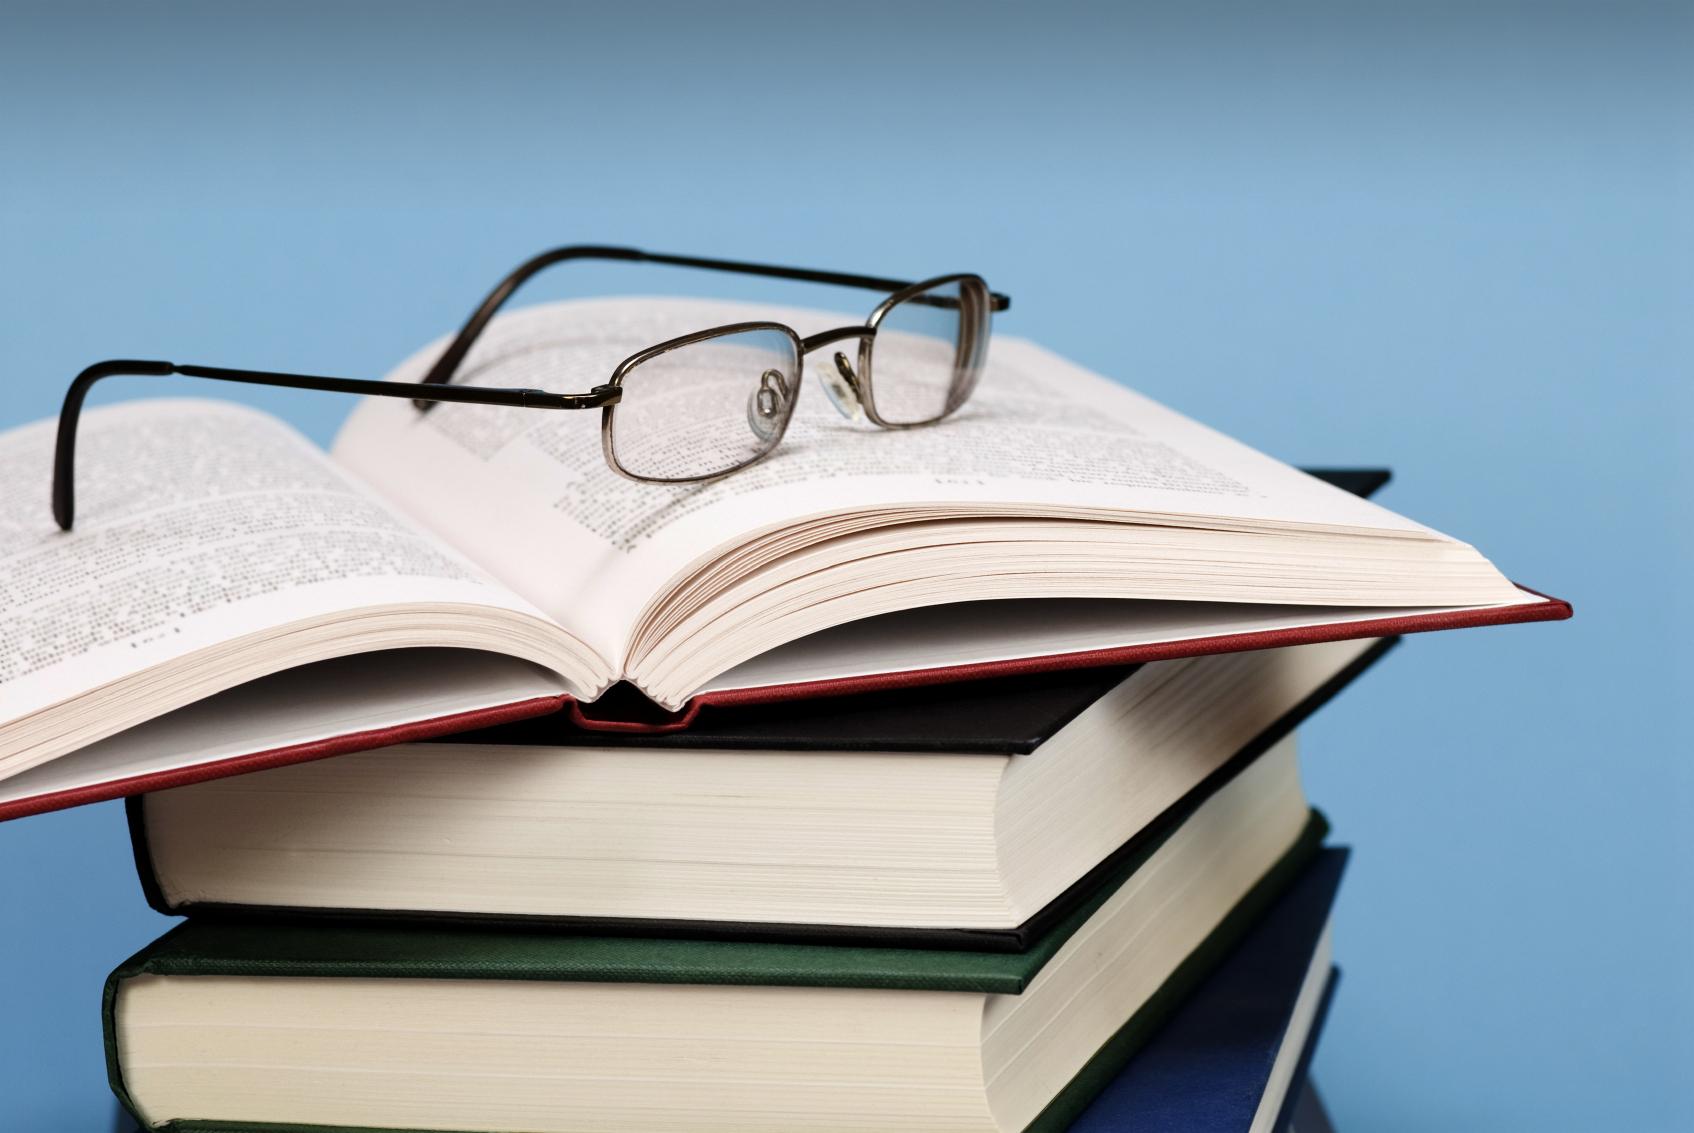 区别英语字典的 5 大特征